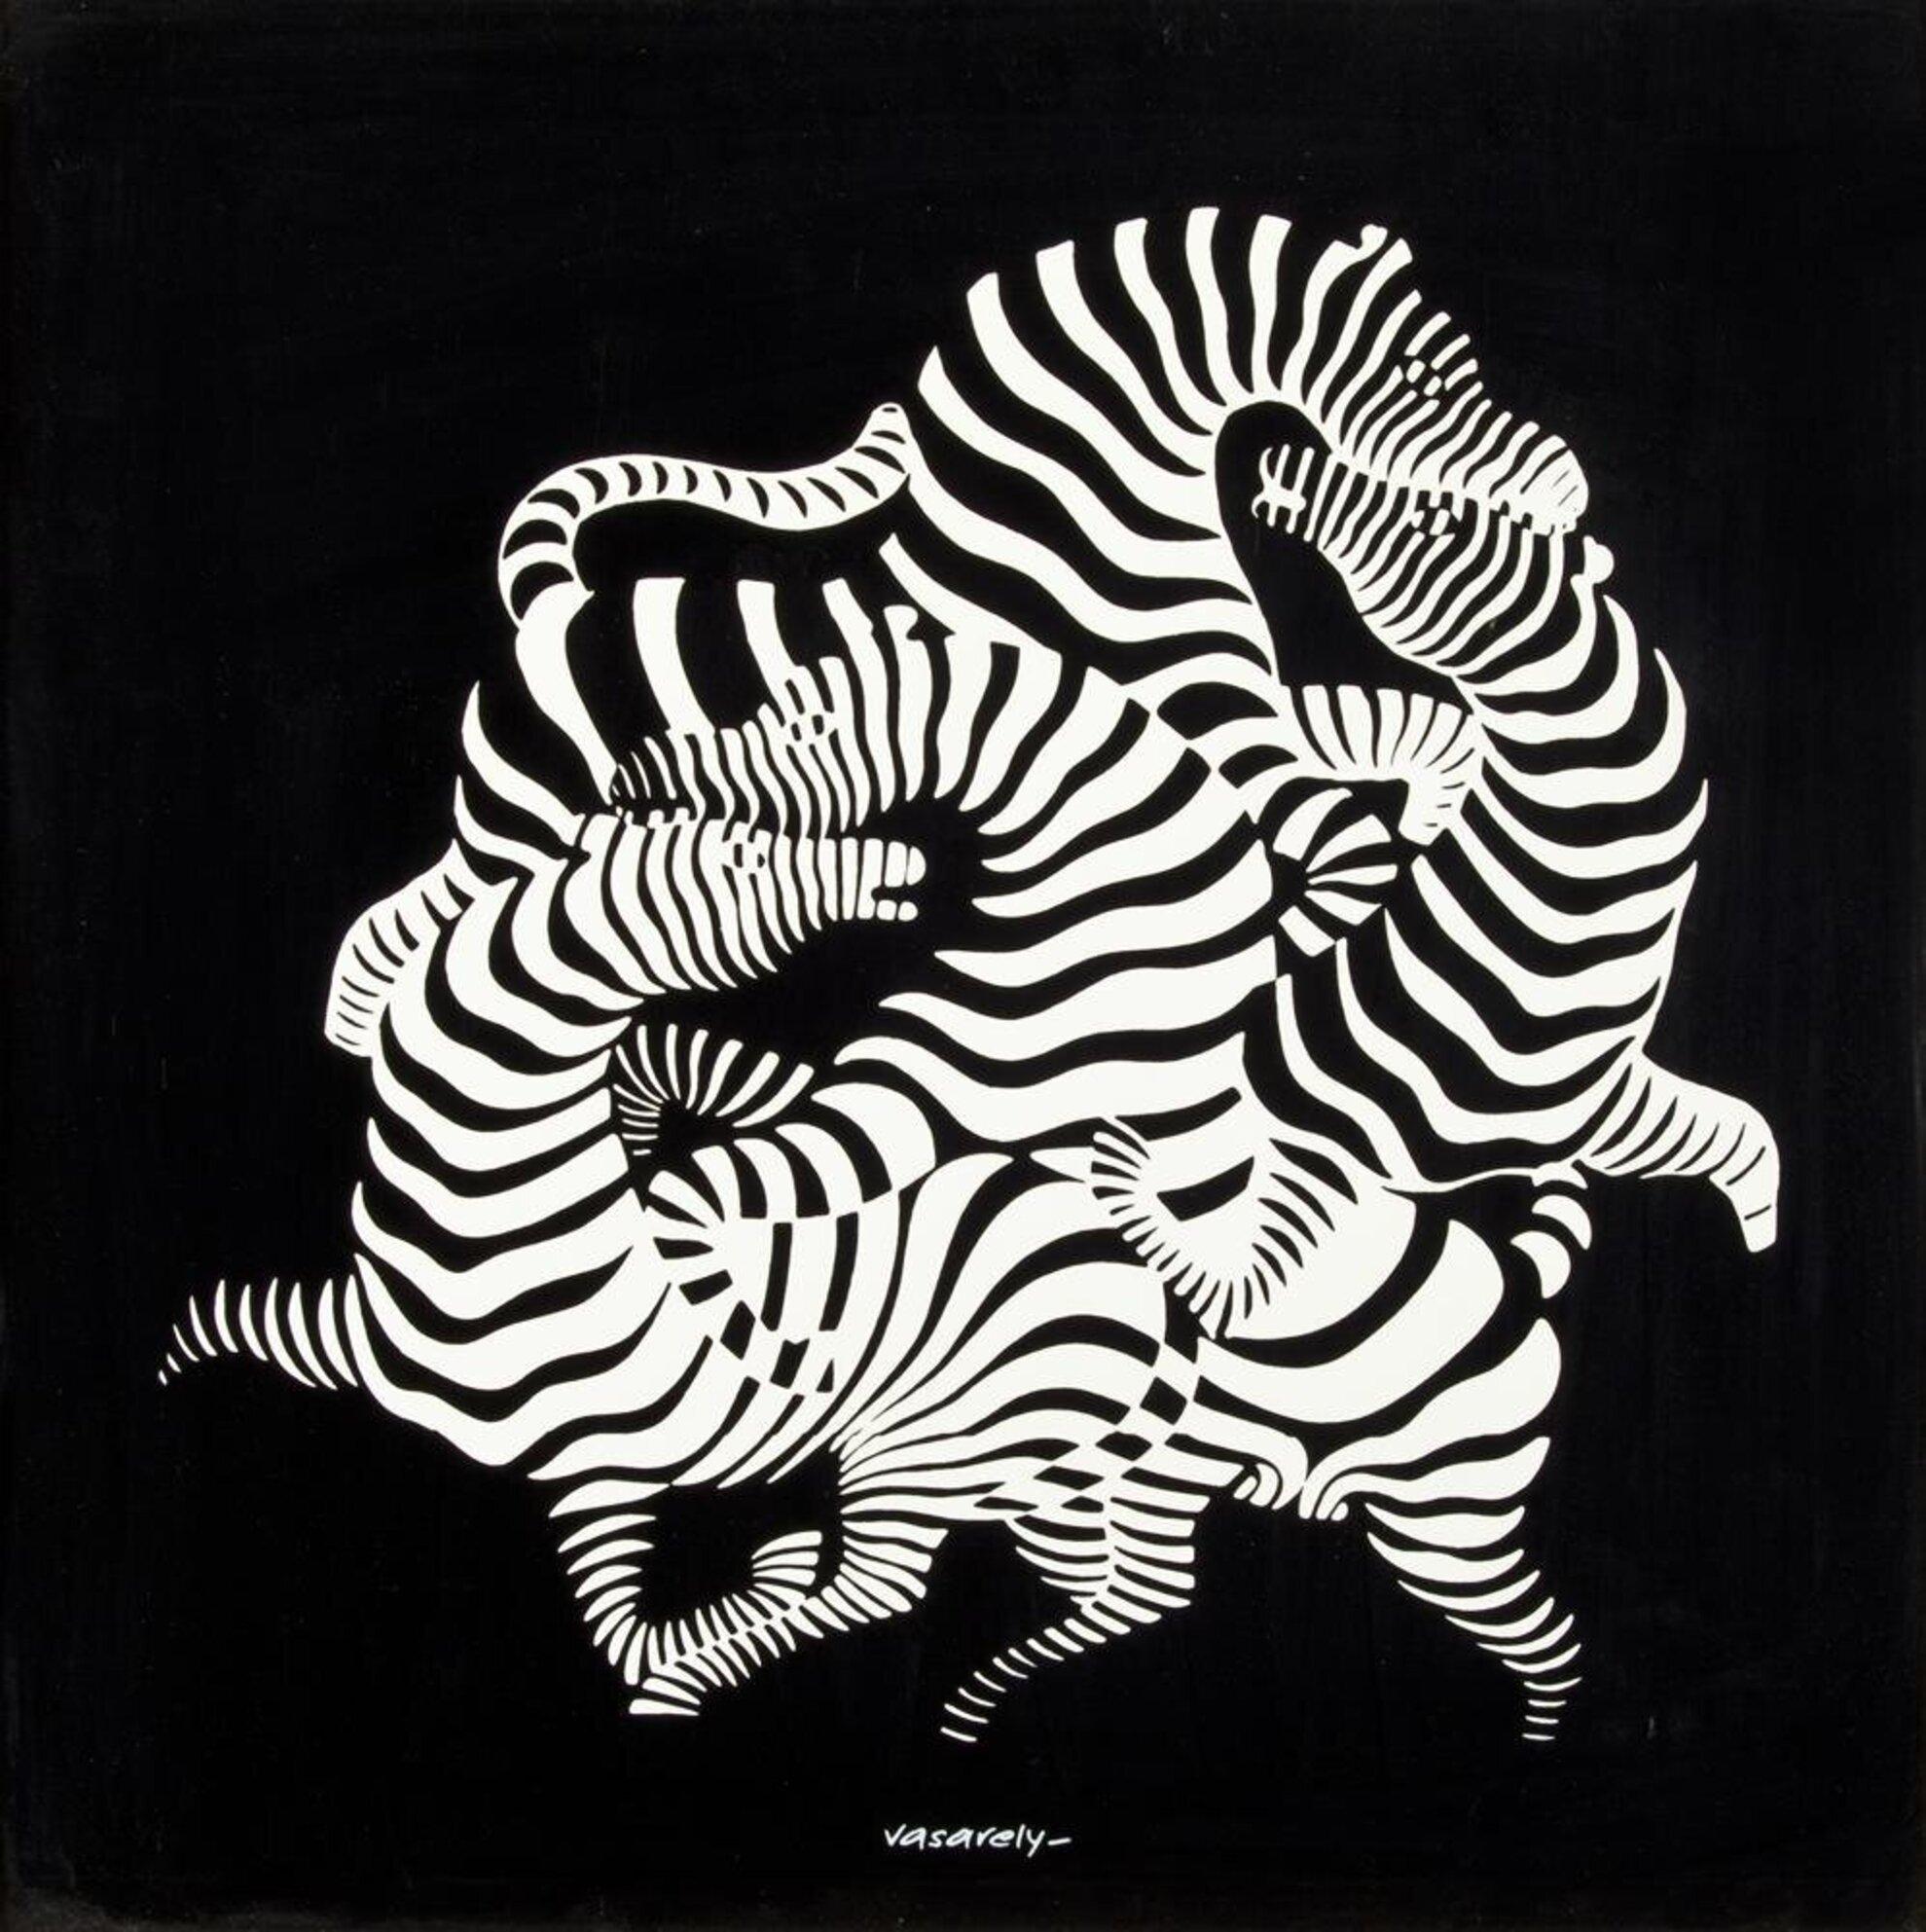 Victor Vasarely: Szerigráfiák, multiplikák